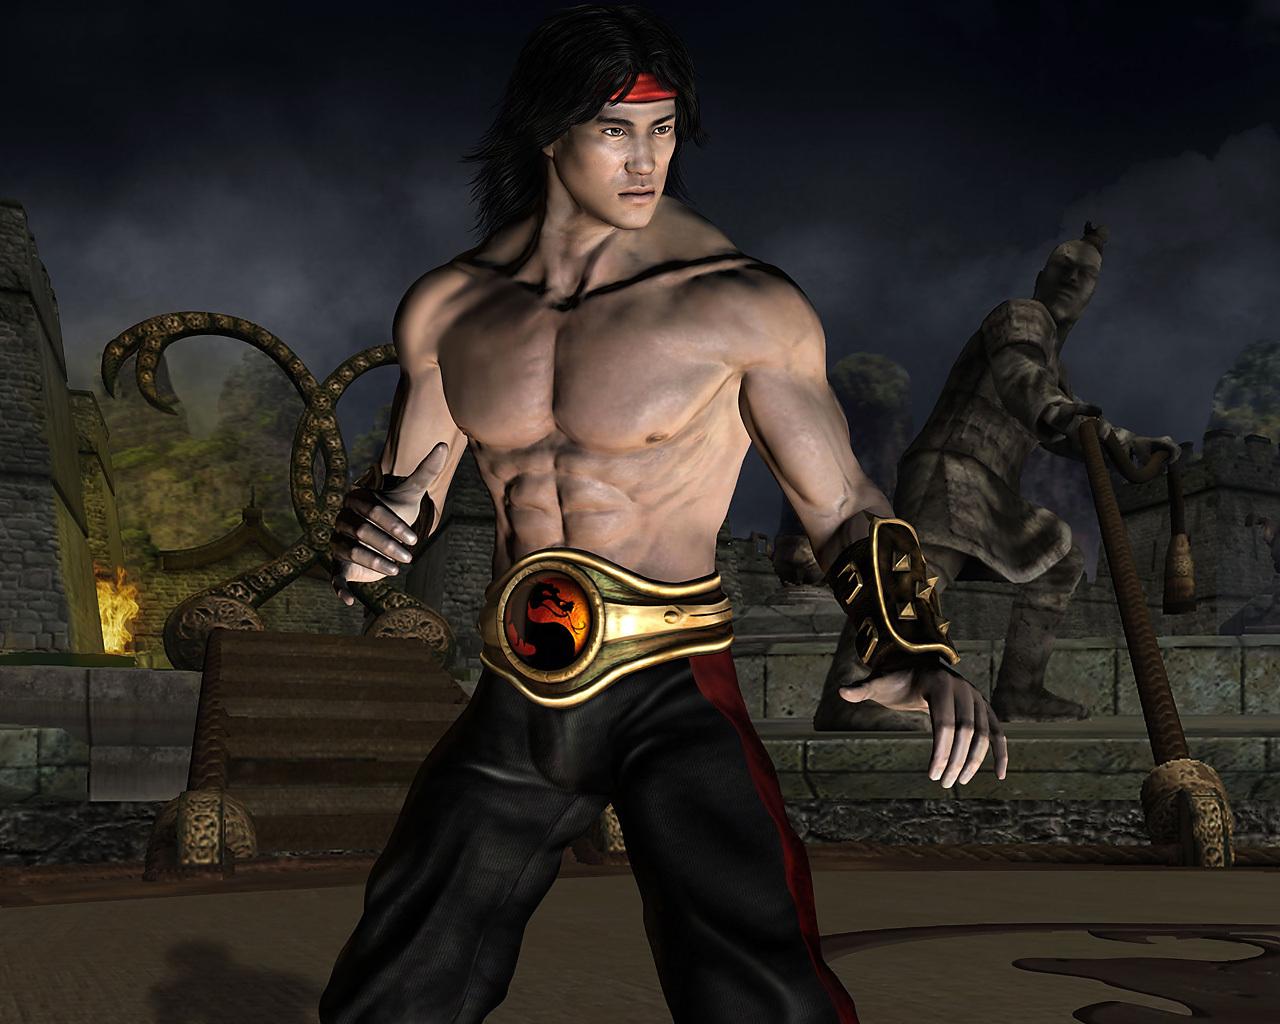 8462 скачать обои Игры, Мортал Комбат (Mortal Kombat) - заставки и картинки бесплатно